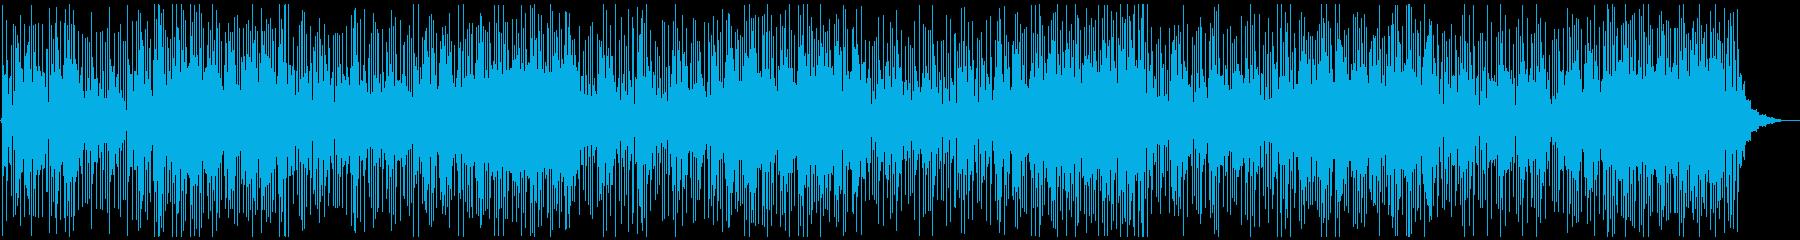 懐かしさを感じるソウルミュージックBGMの再生済みの波形